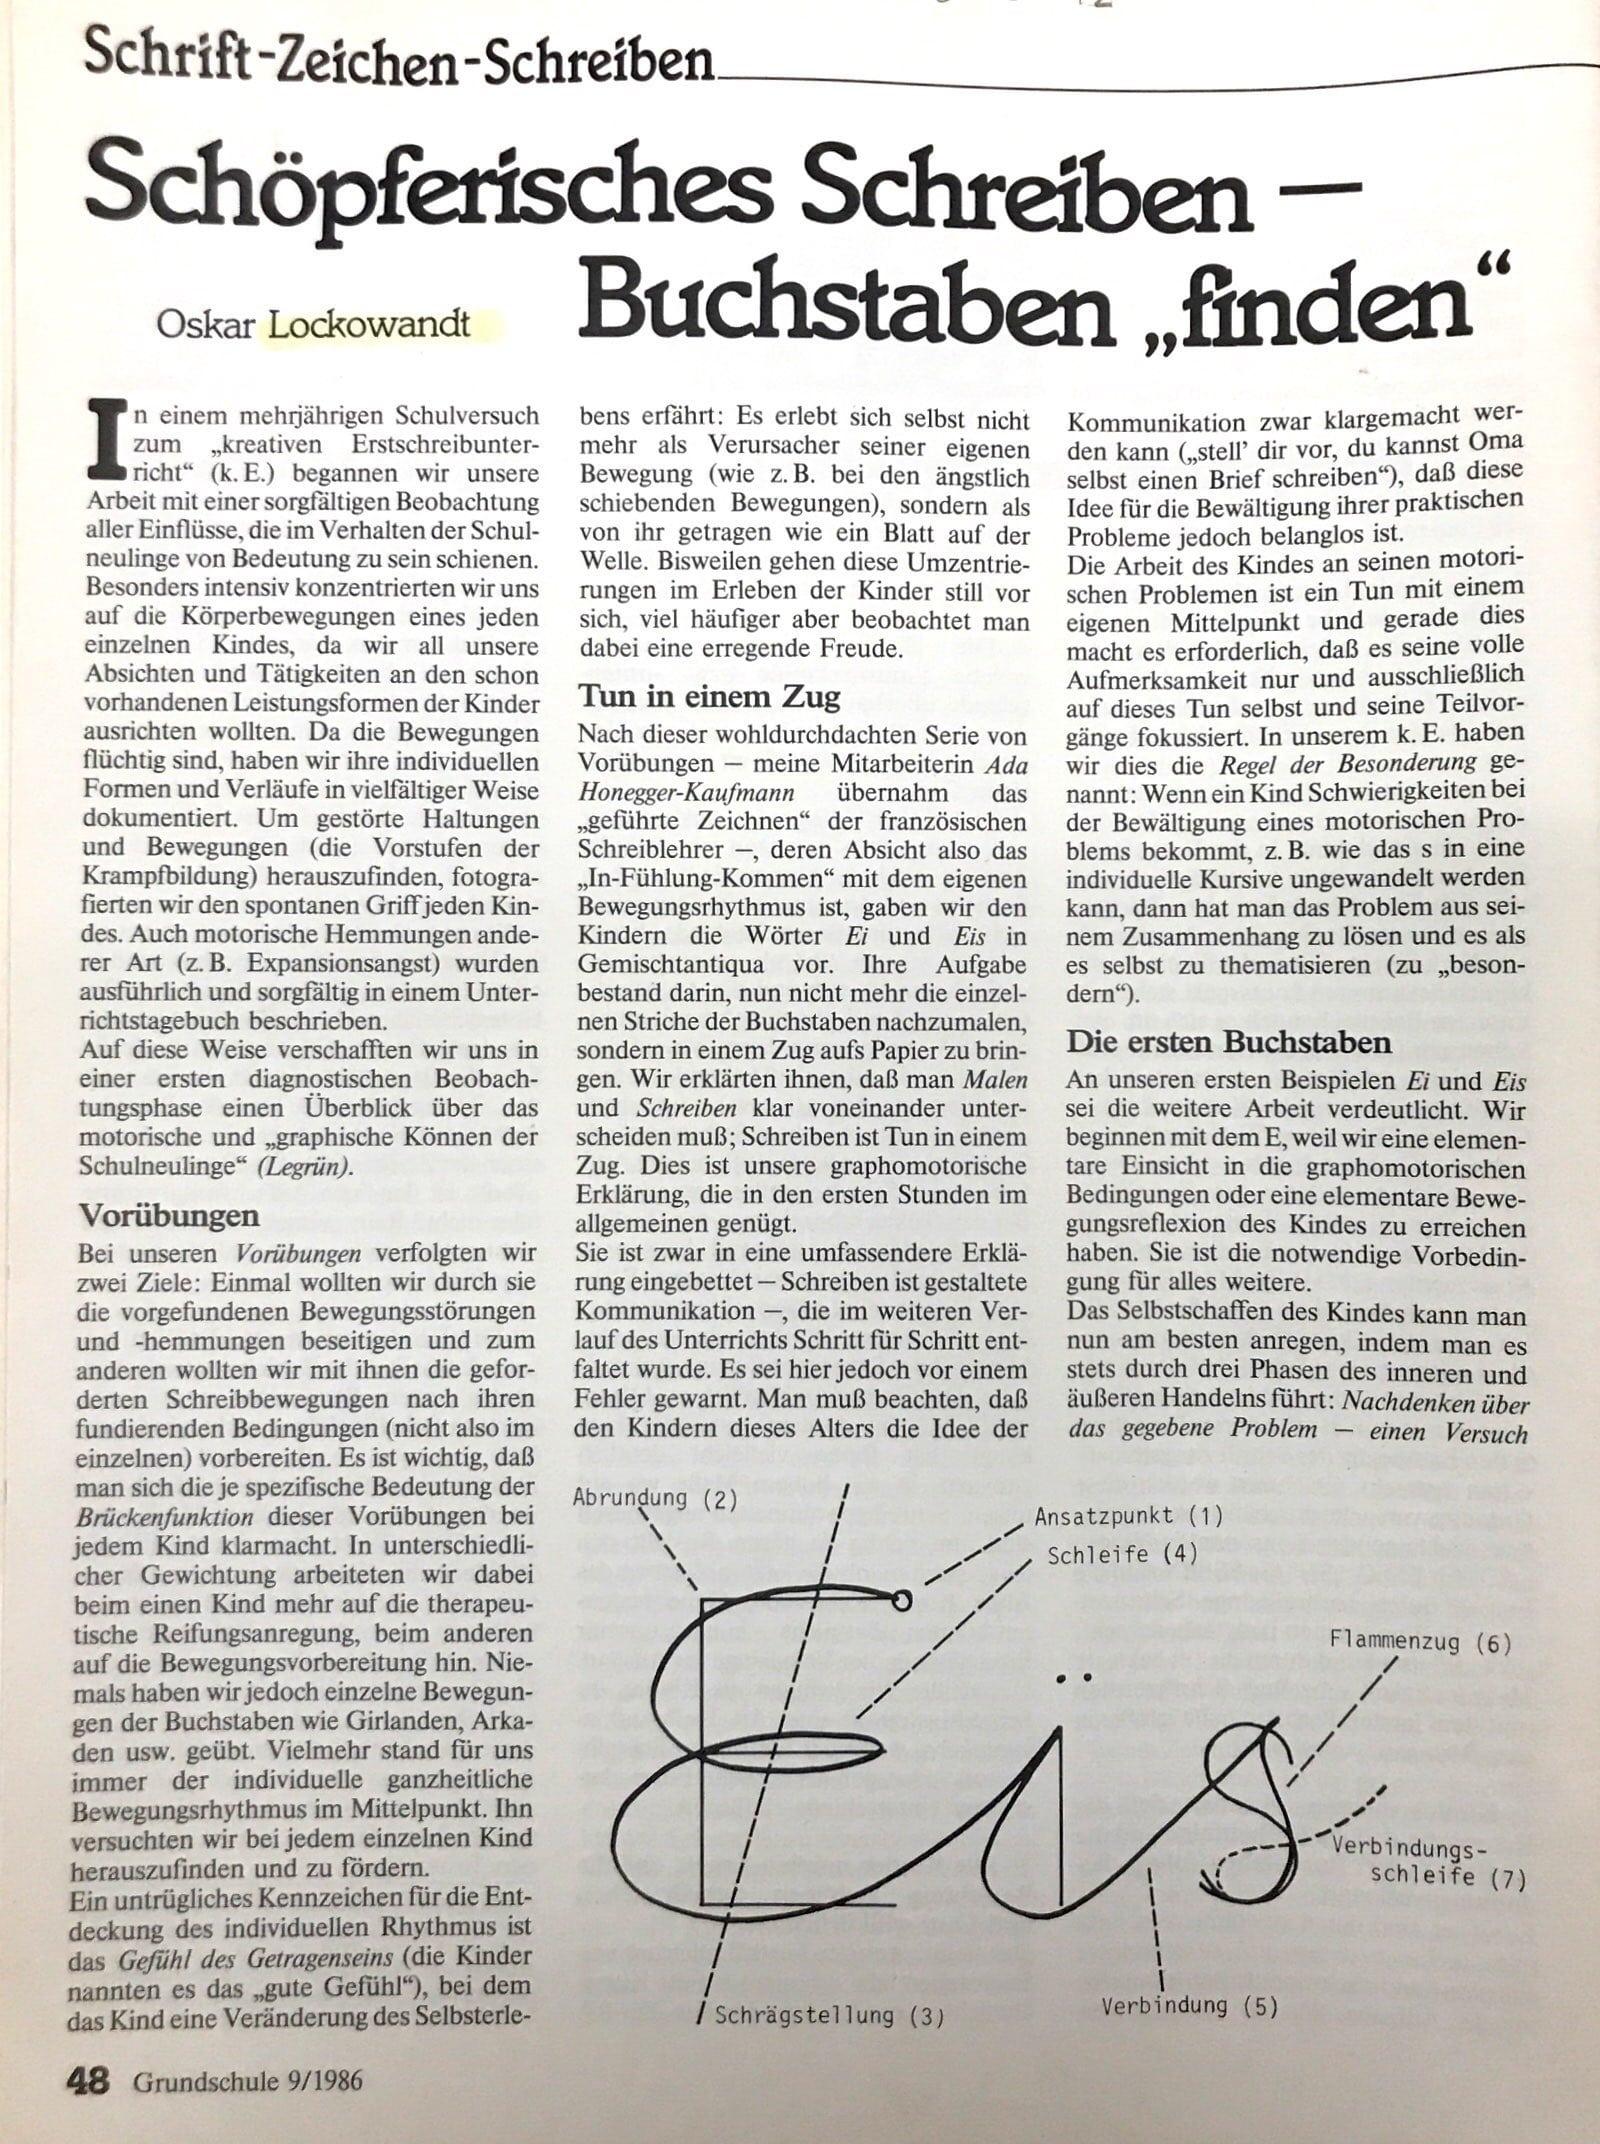 Handschrift & Bewegungsindividualität